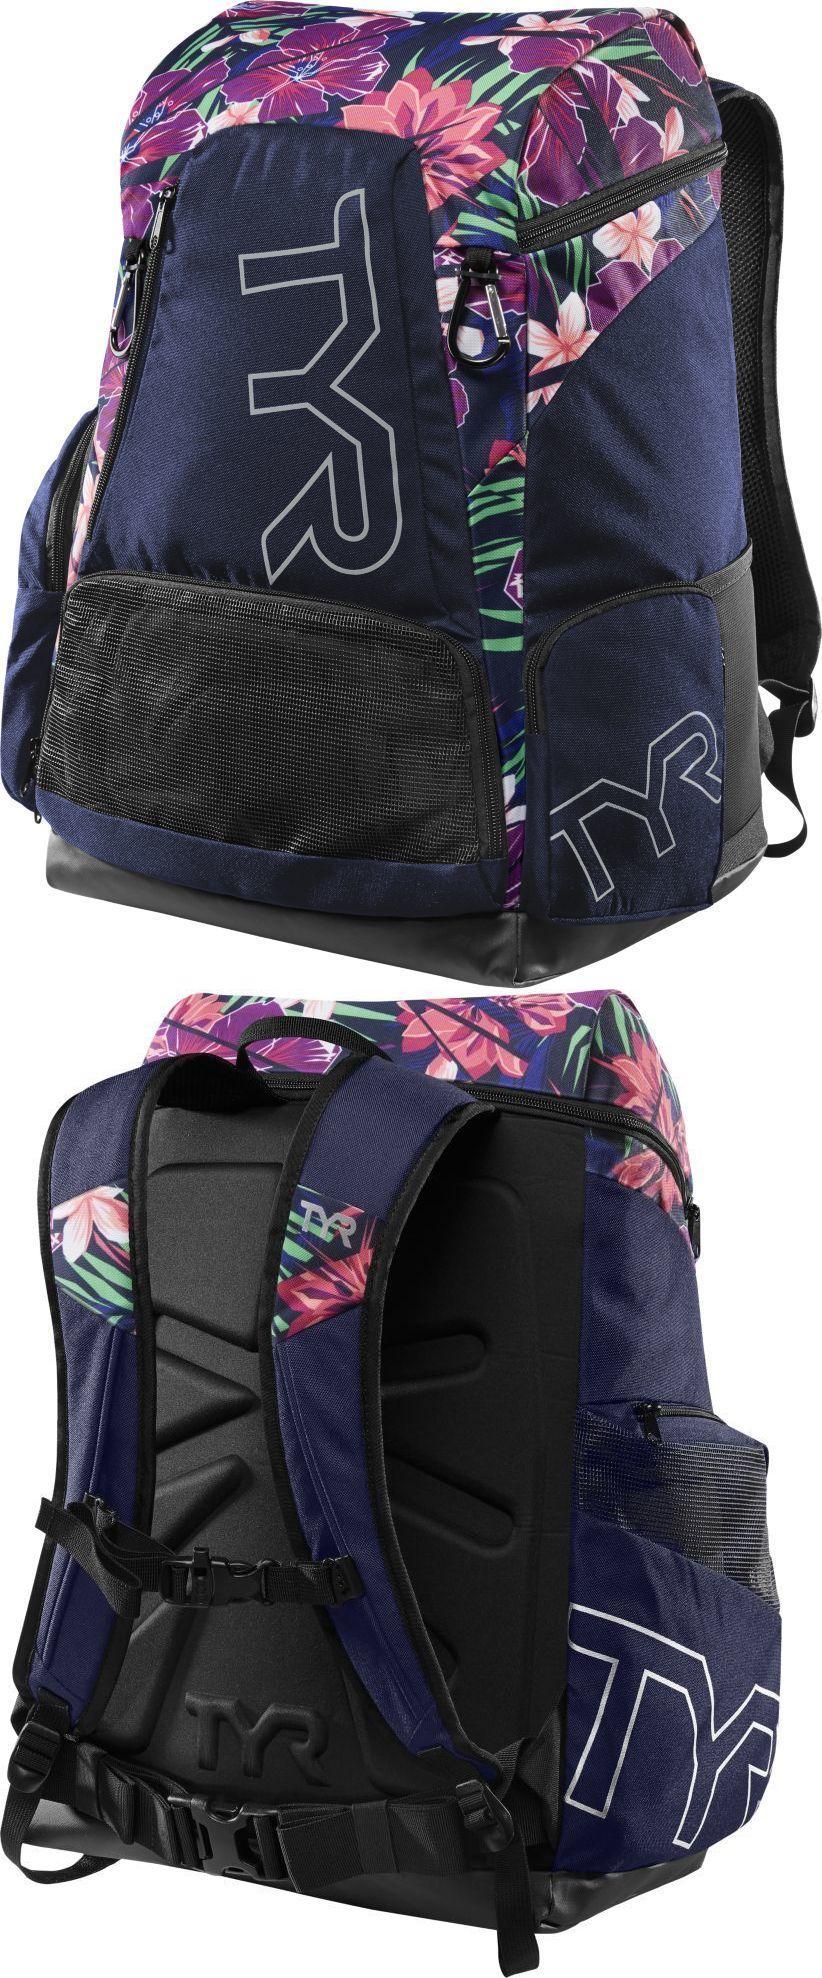 Alliance рюкзаки сайт тактические рюкзаки нато